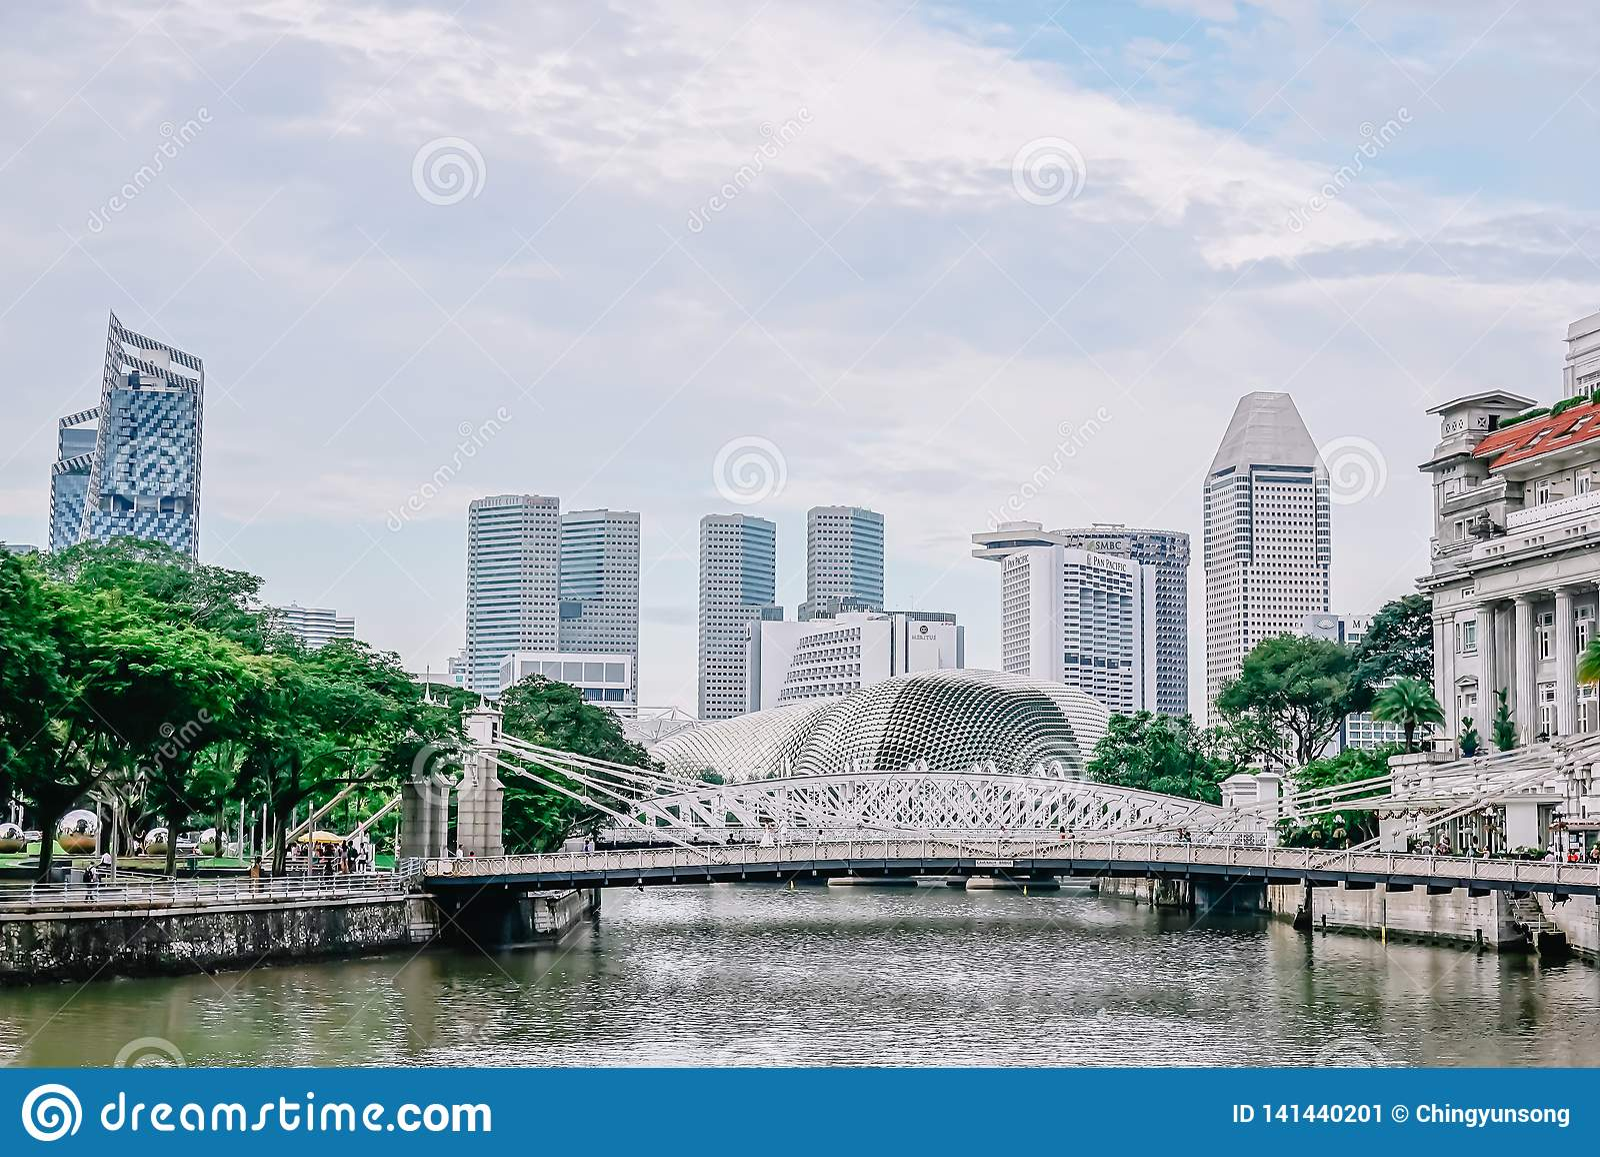 Cavenagh Bridżowy rozciągający się niskich zasięg Singapur rzeka w Singapur Środkowym terenie na NOV 22, 2018